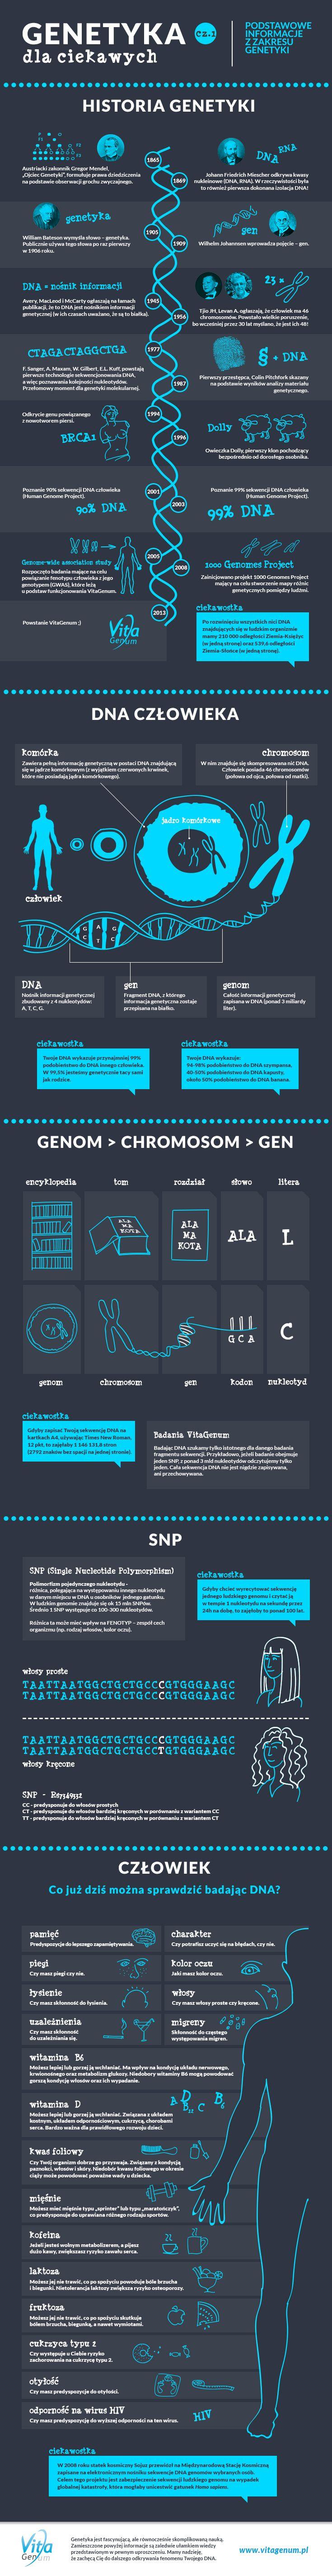 Getetyka  i  DNA #genetic #DNA #infographic